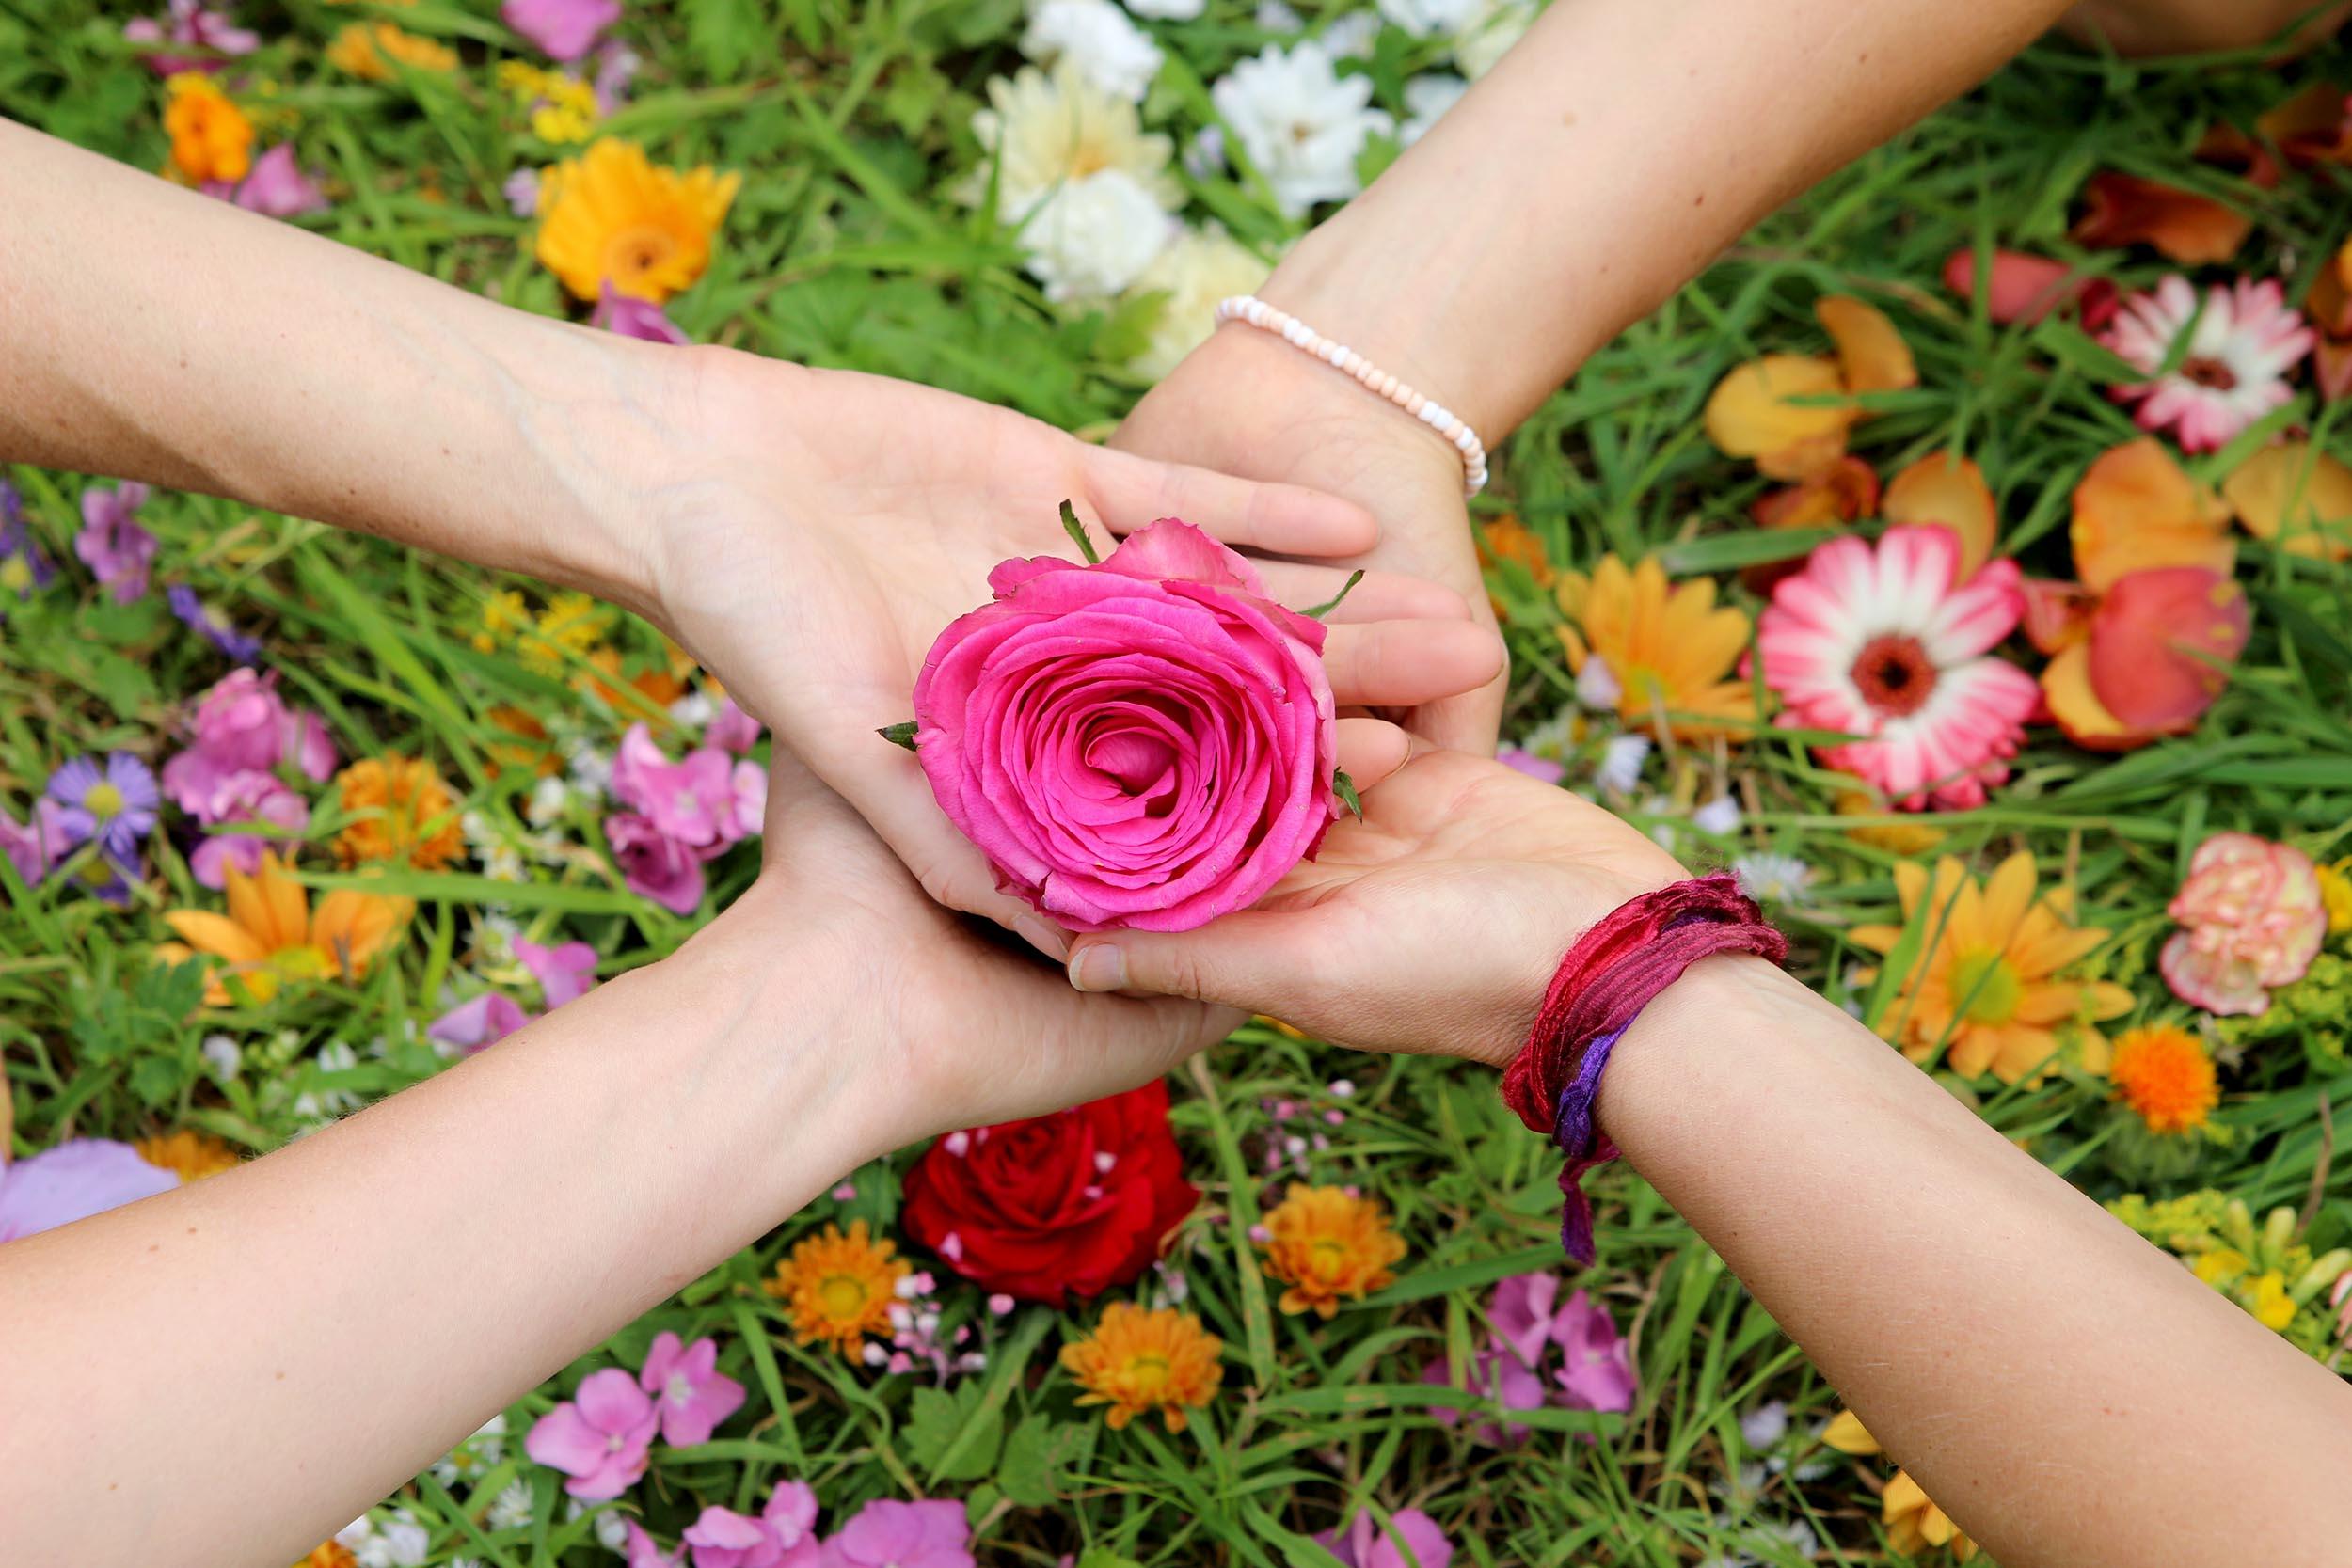 Blüte in Händen